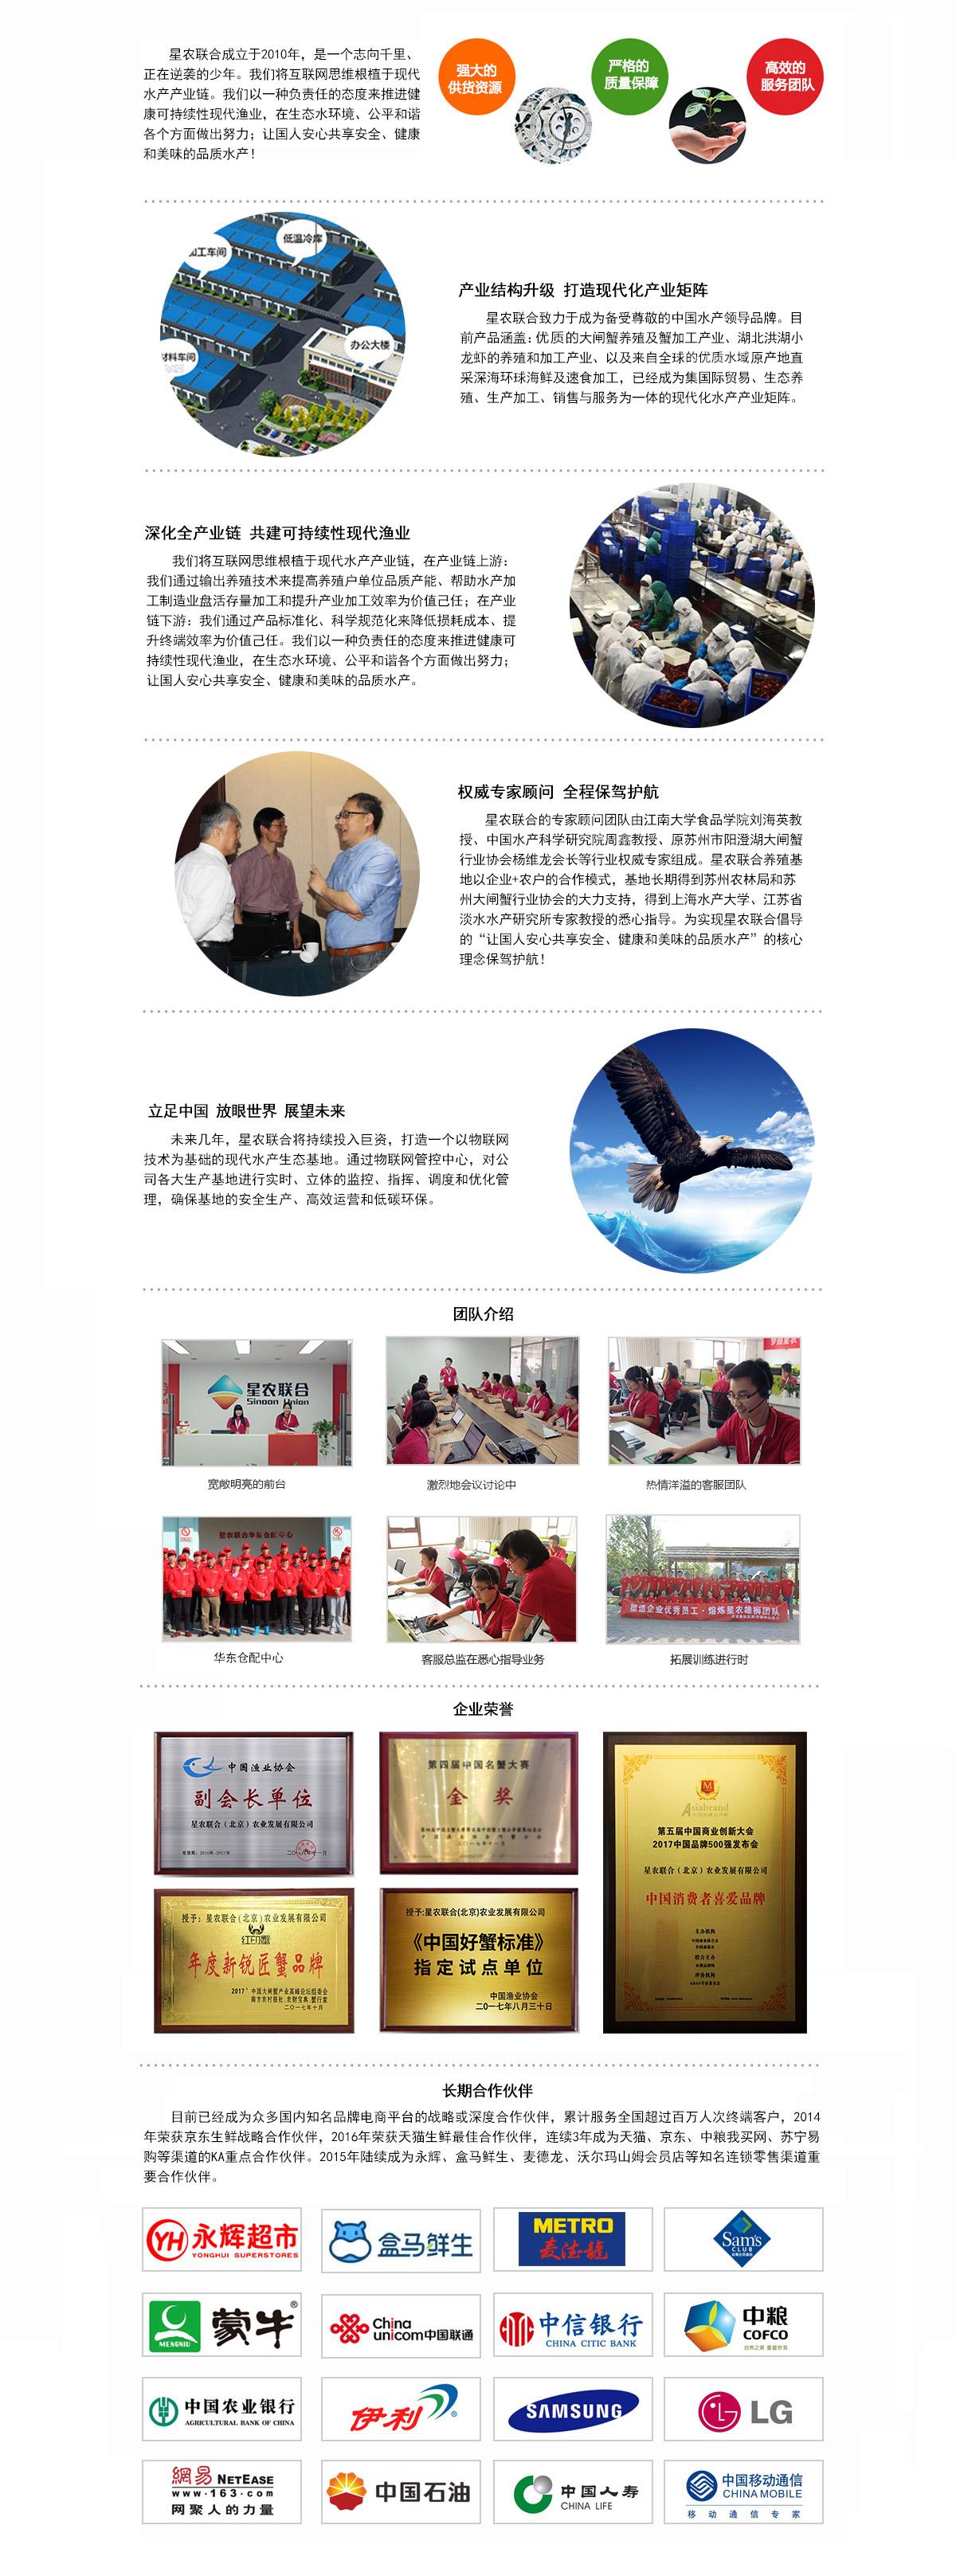 太阳集团太阳娱乐登录企业简介2019 更新1.jpg